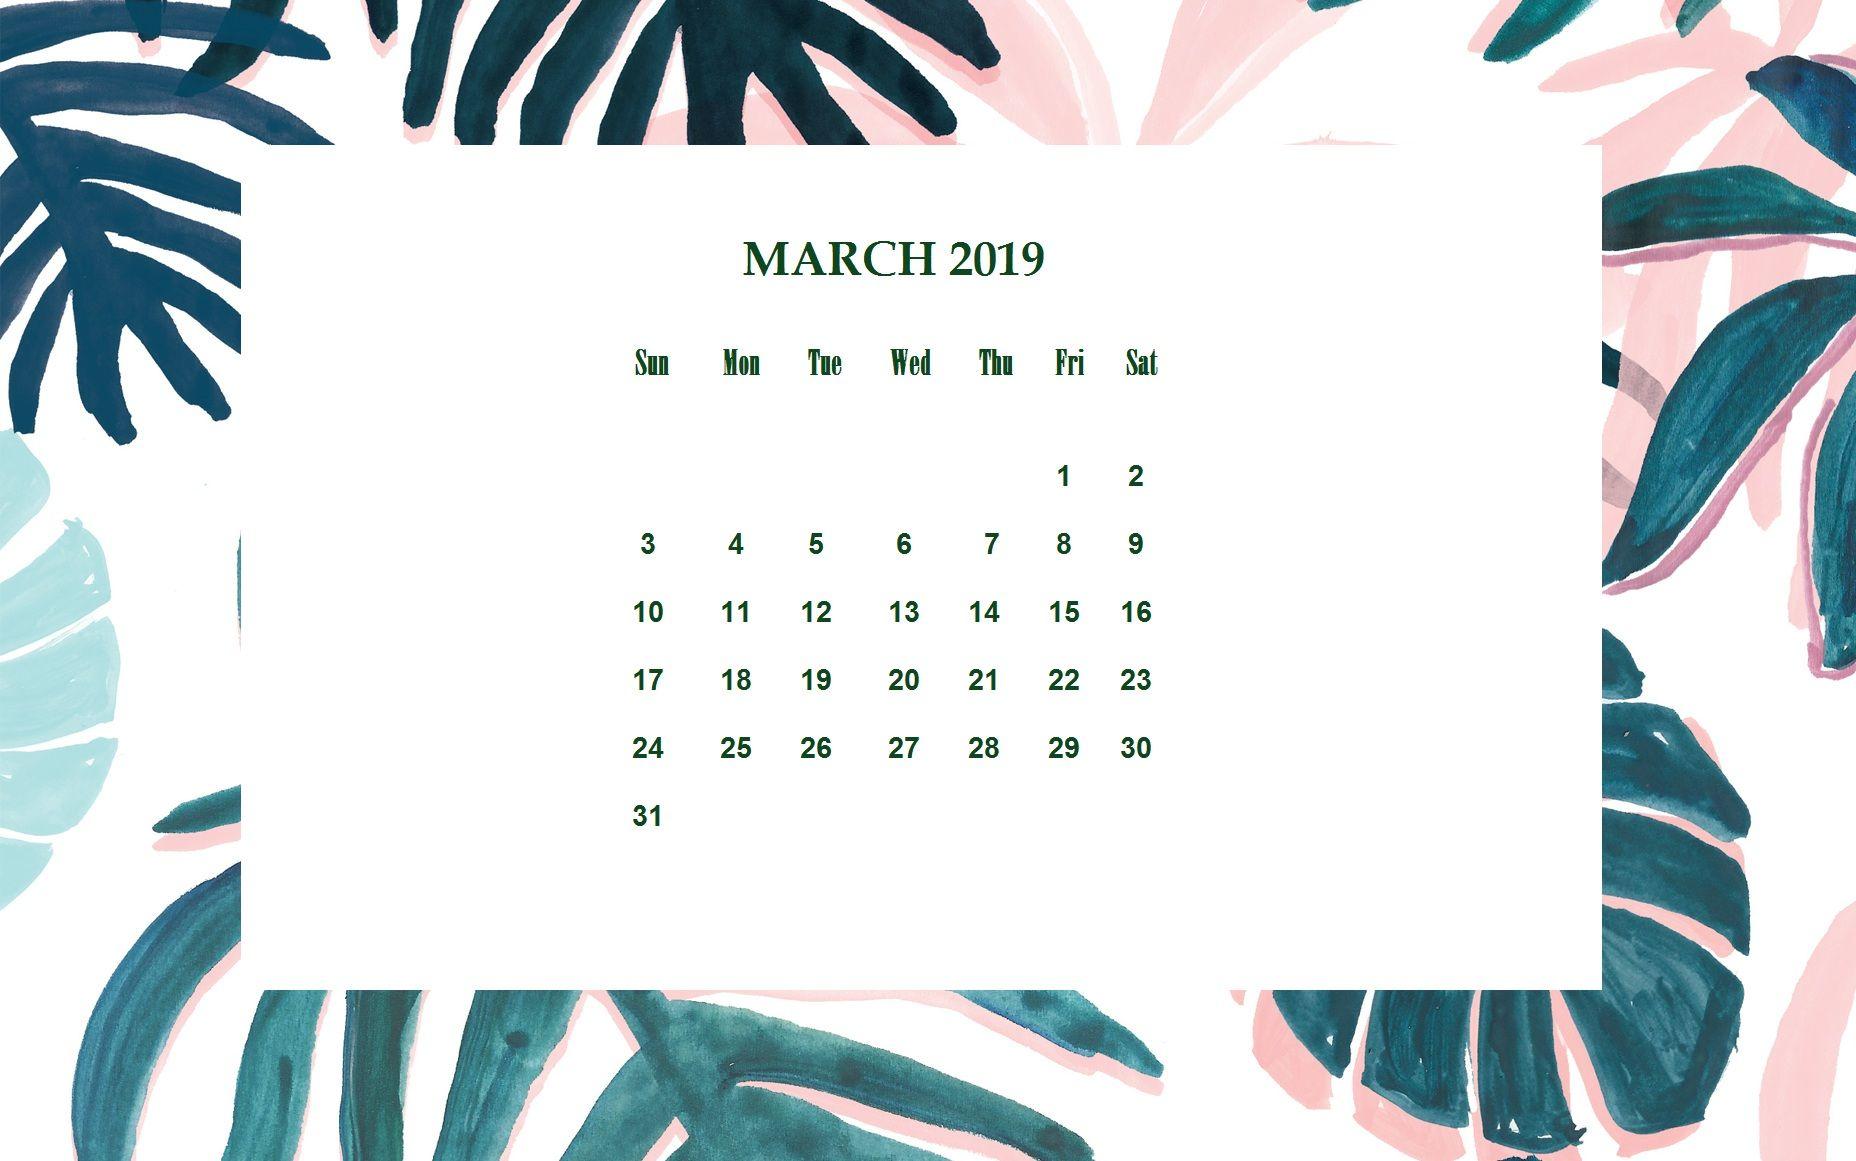 Floral March 2019 Desktop Calendar MaxCalendars in 2019 1856x1161